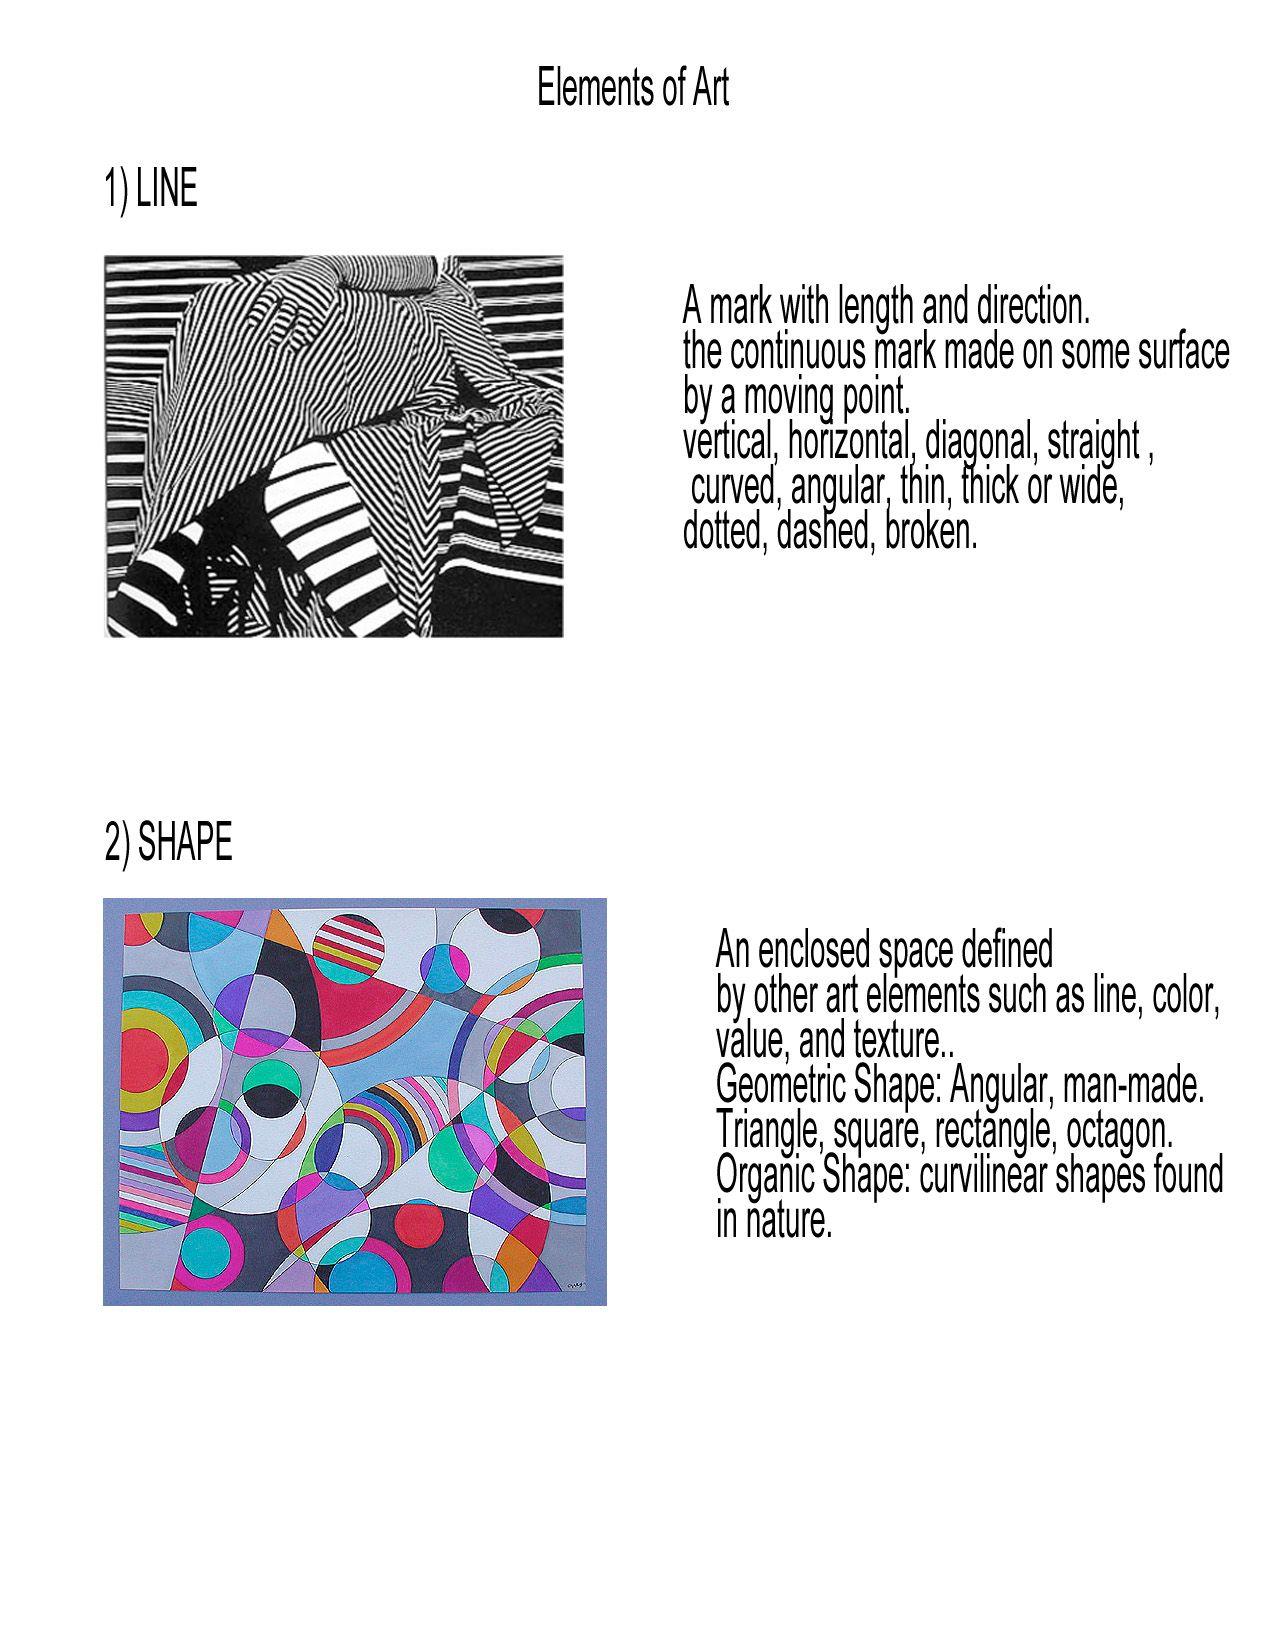 Worksheets Elements And Principles Of Art Worksheet design elements and principles examples painting calendar tphs visual art j doerrer